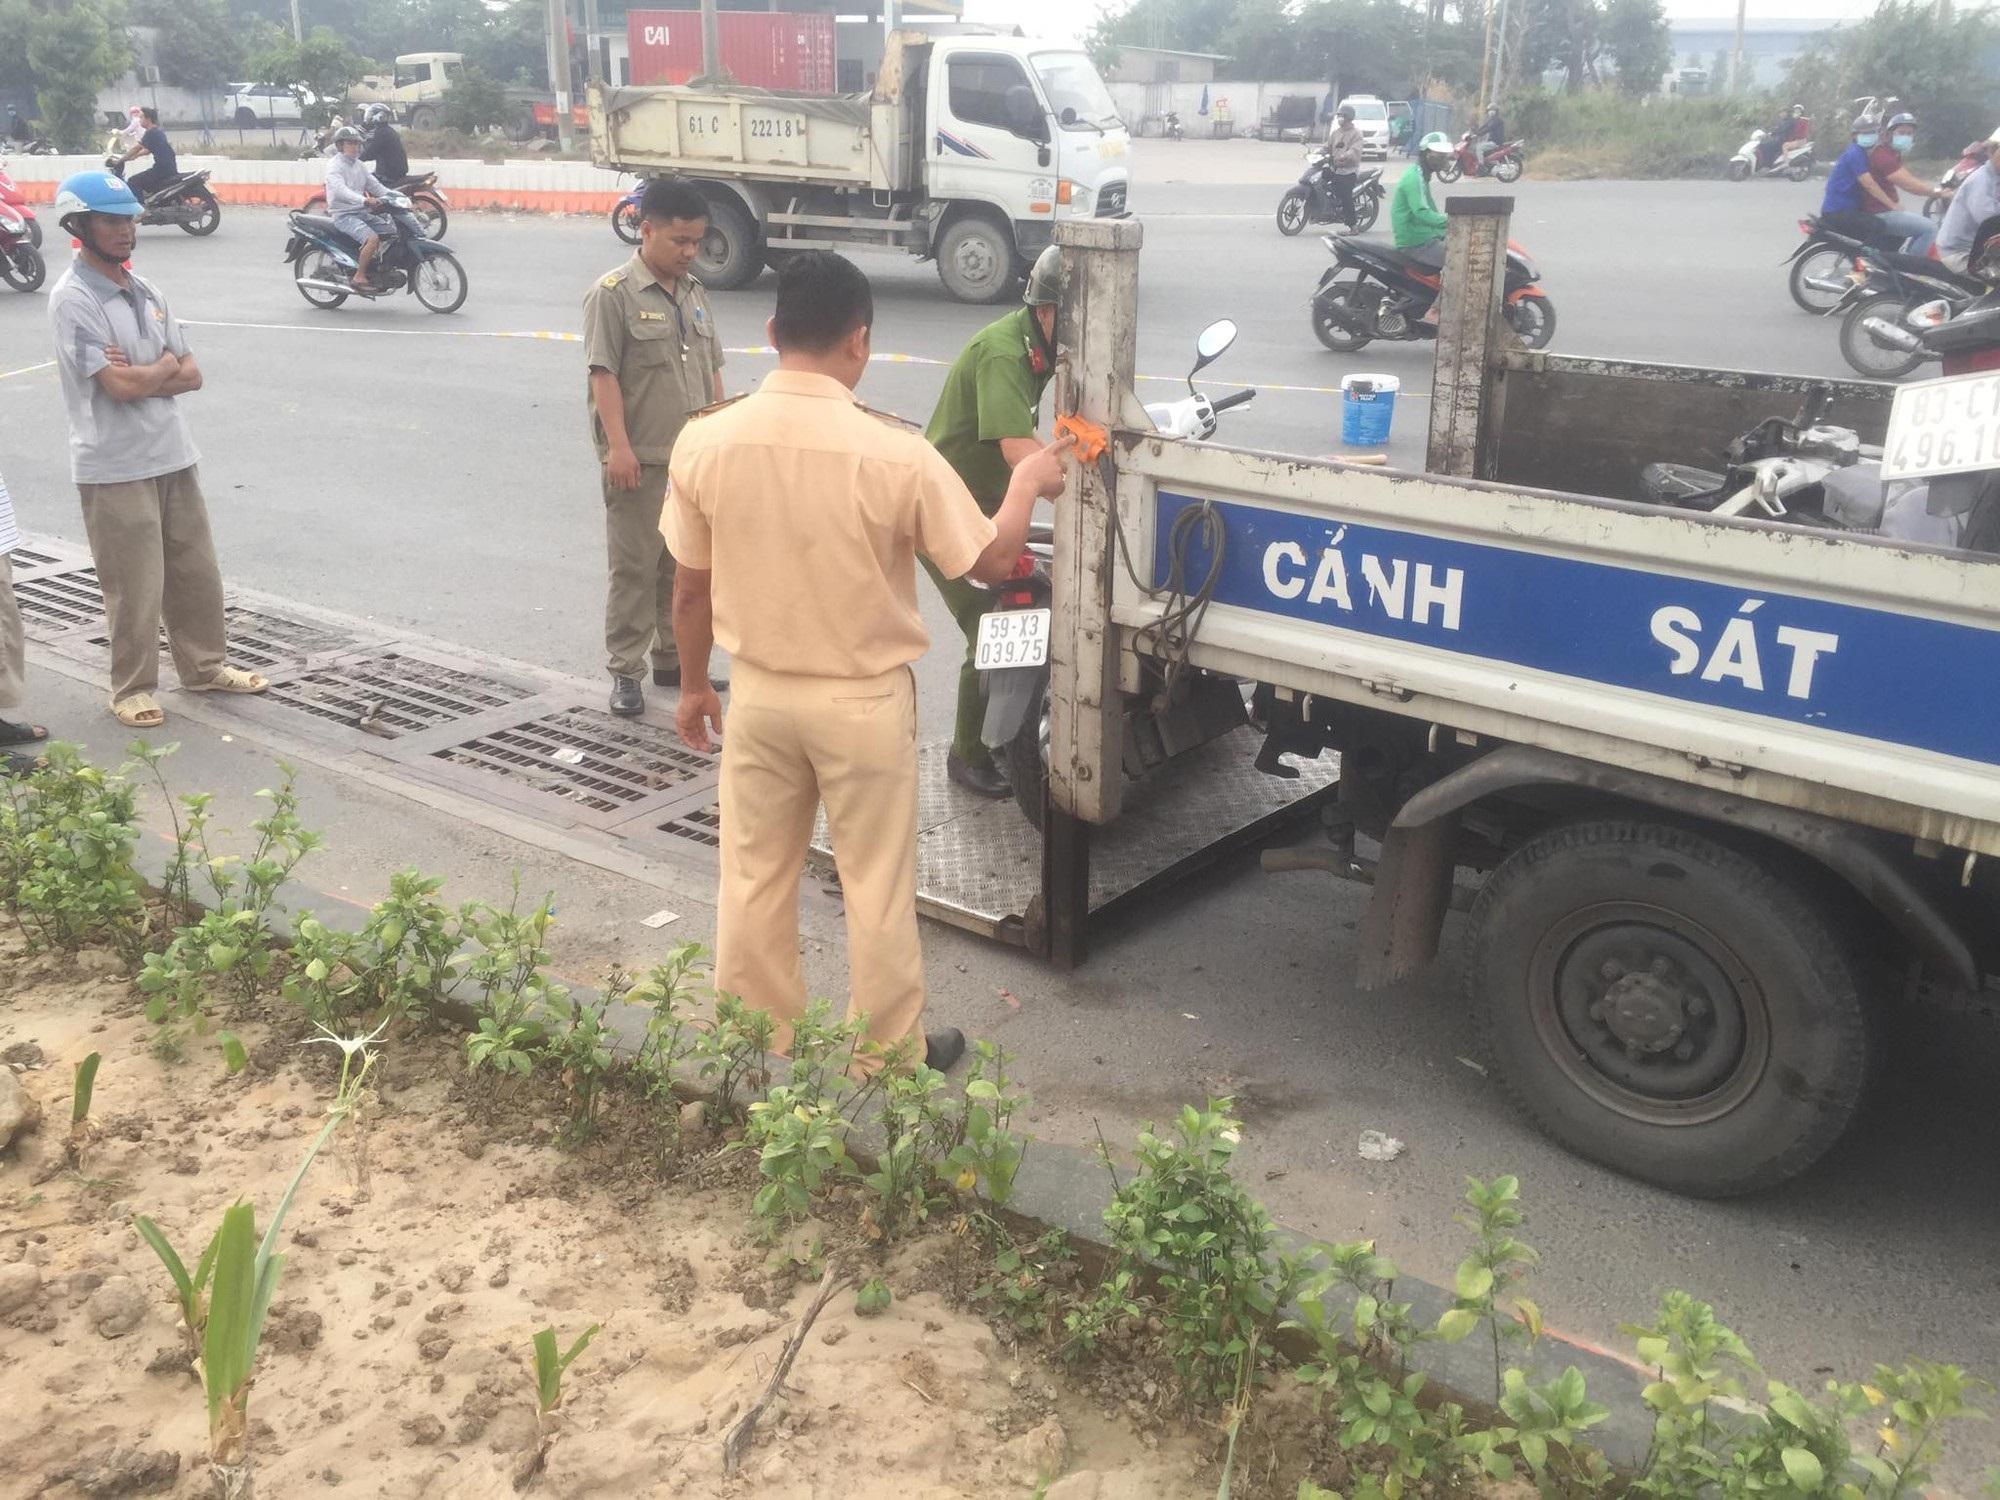 Bình Dương: Dân truy đuổi xe container cán chết người phụ nữ rồi bỏ chạy - Ảnh 2